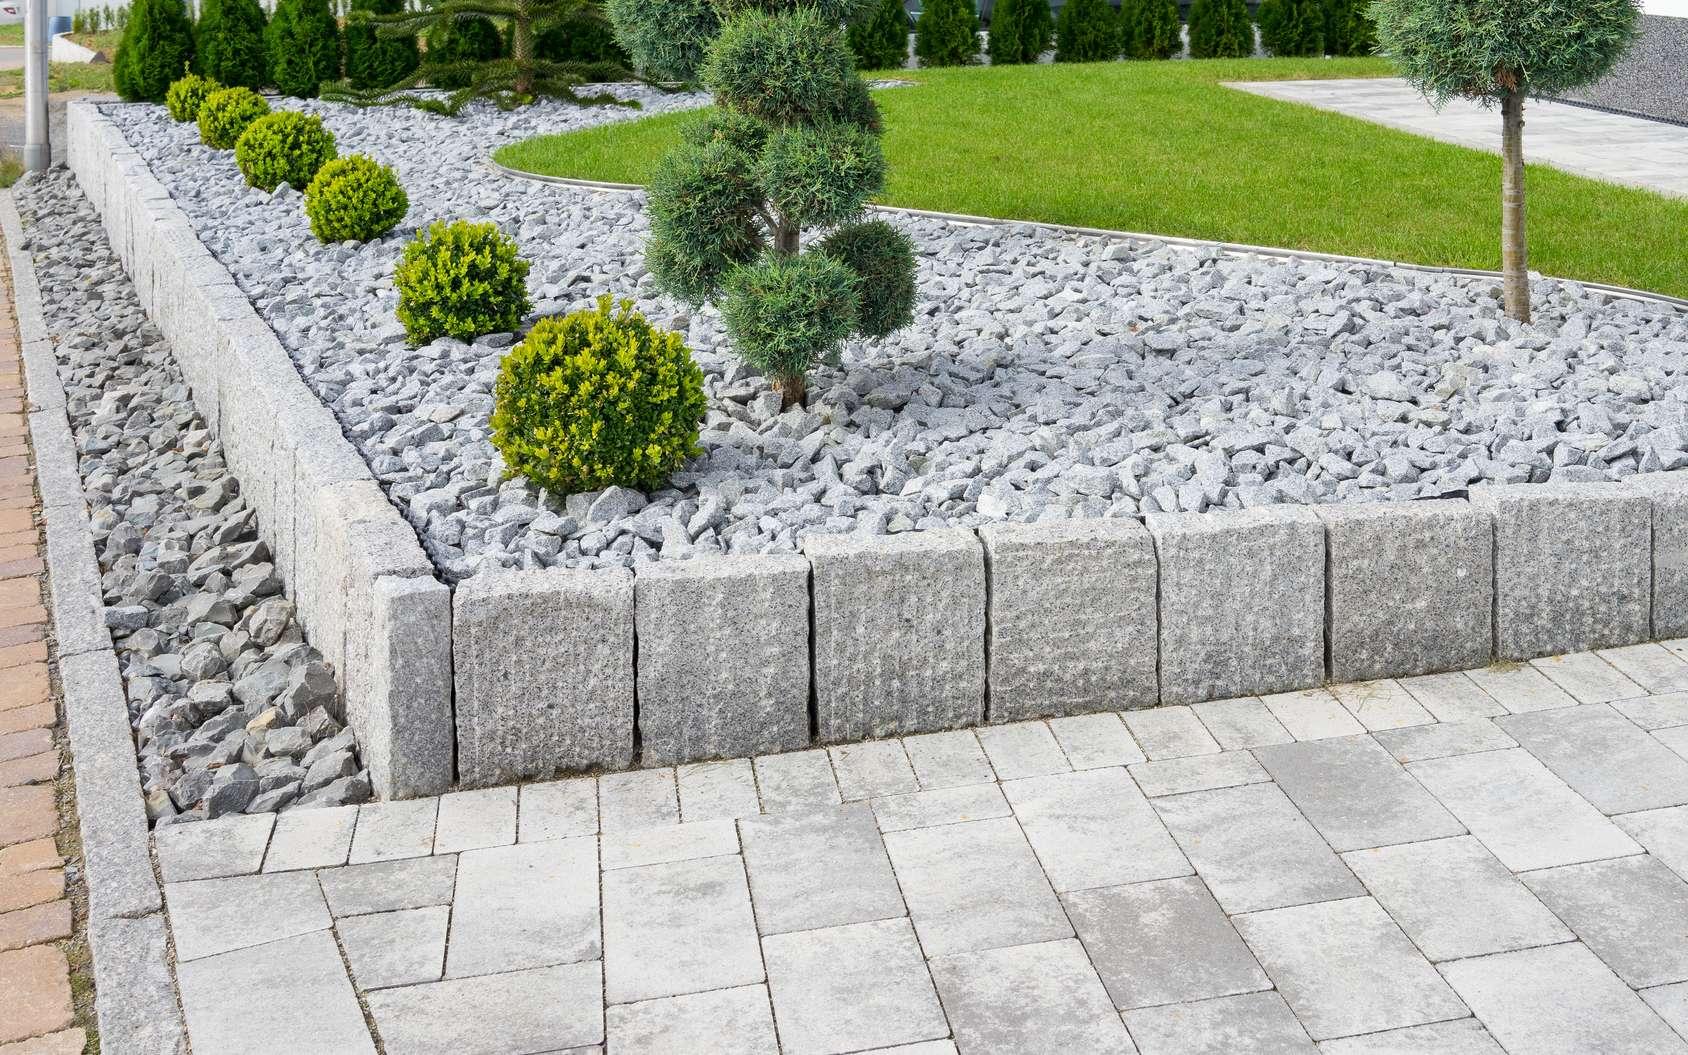 Comment faire une rocaille qui s'harmonise avec le jardin. © Ell brown, Flickr, CC BY 2.0